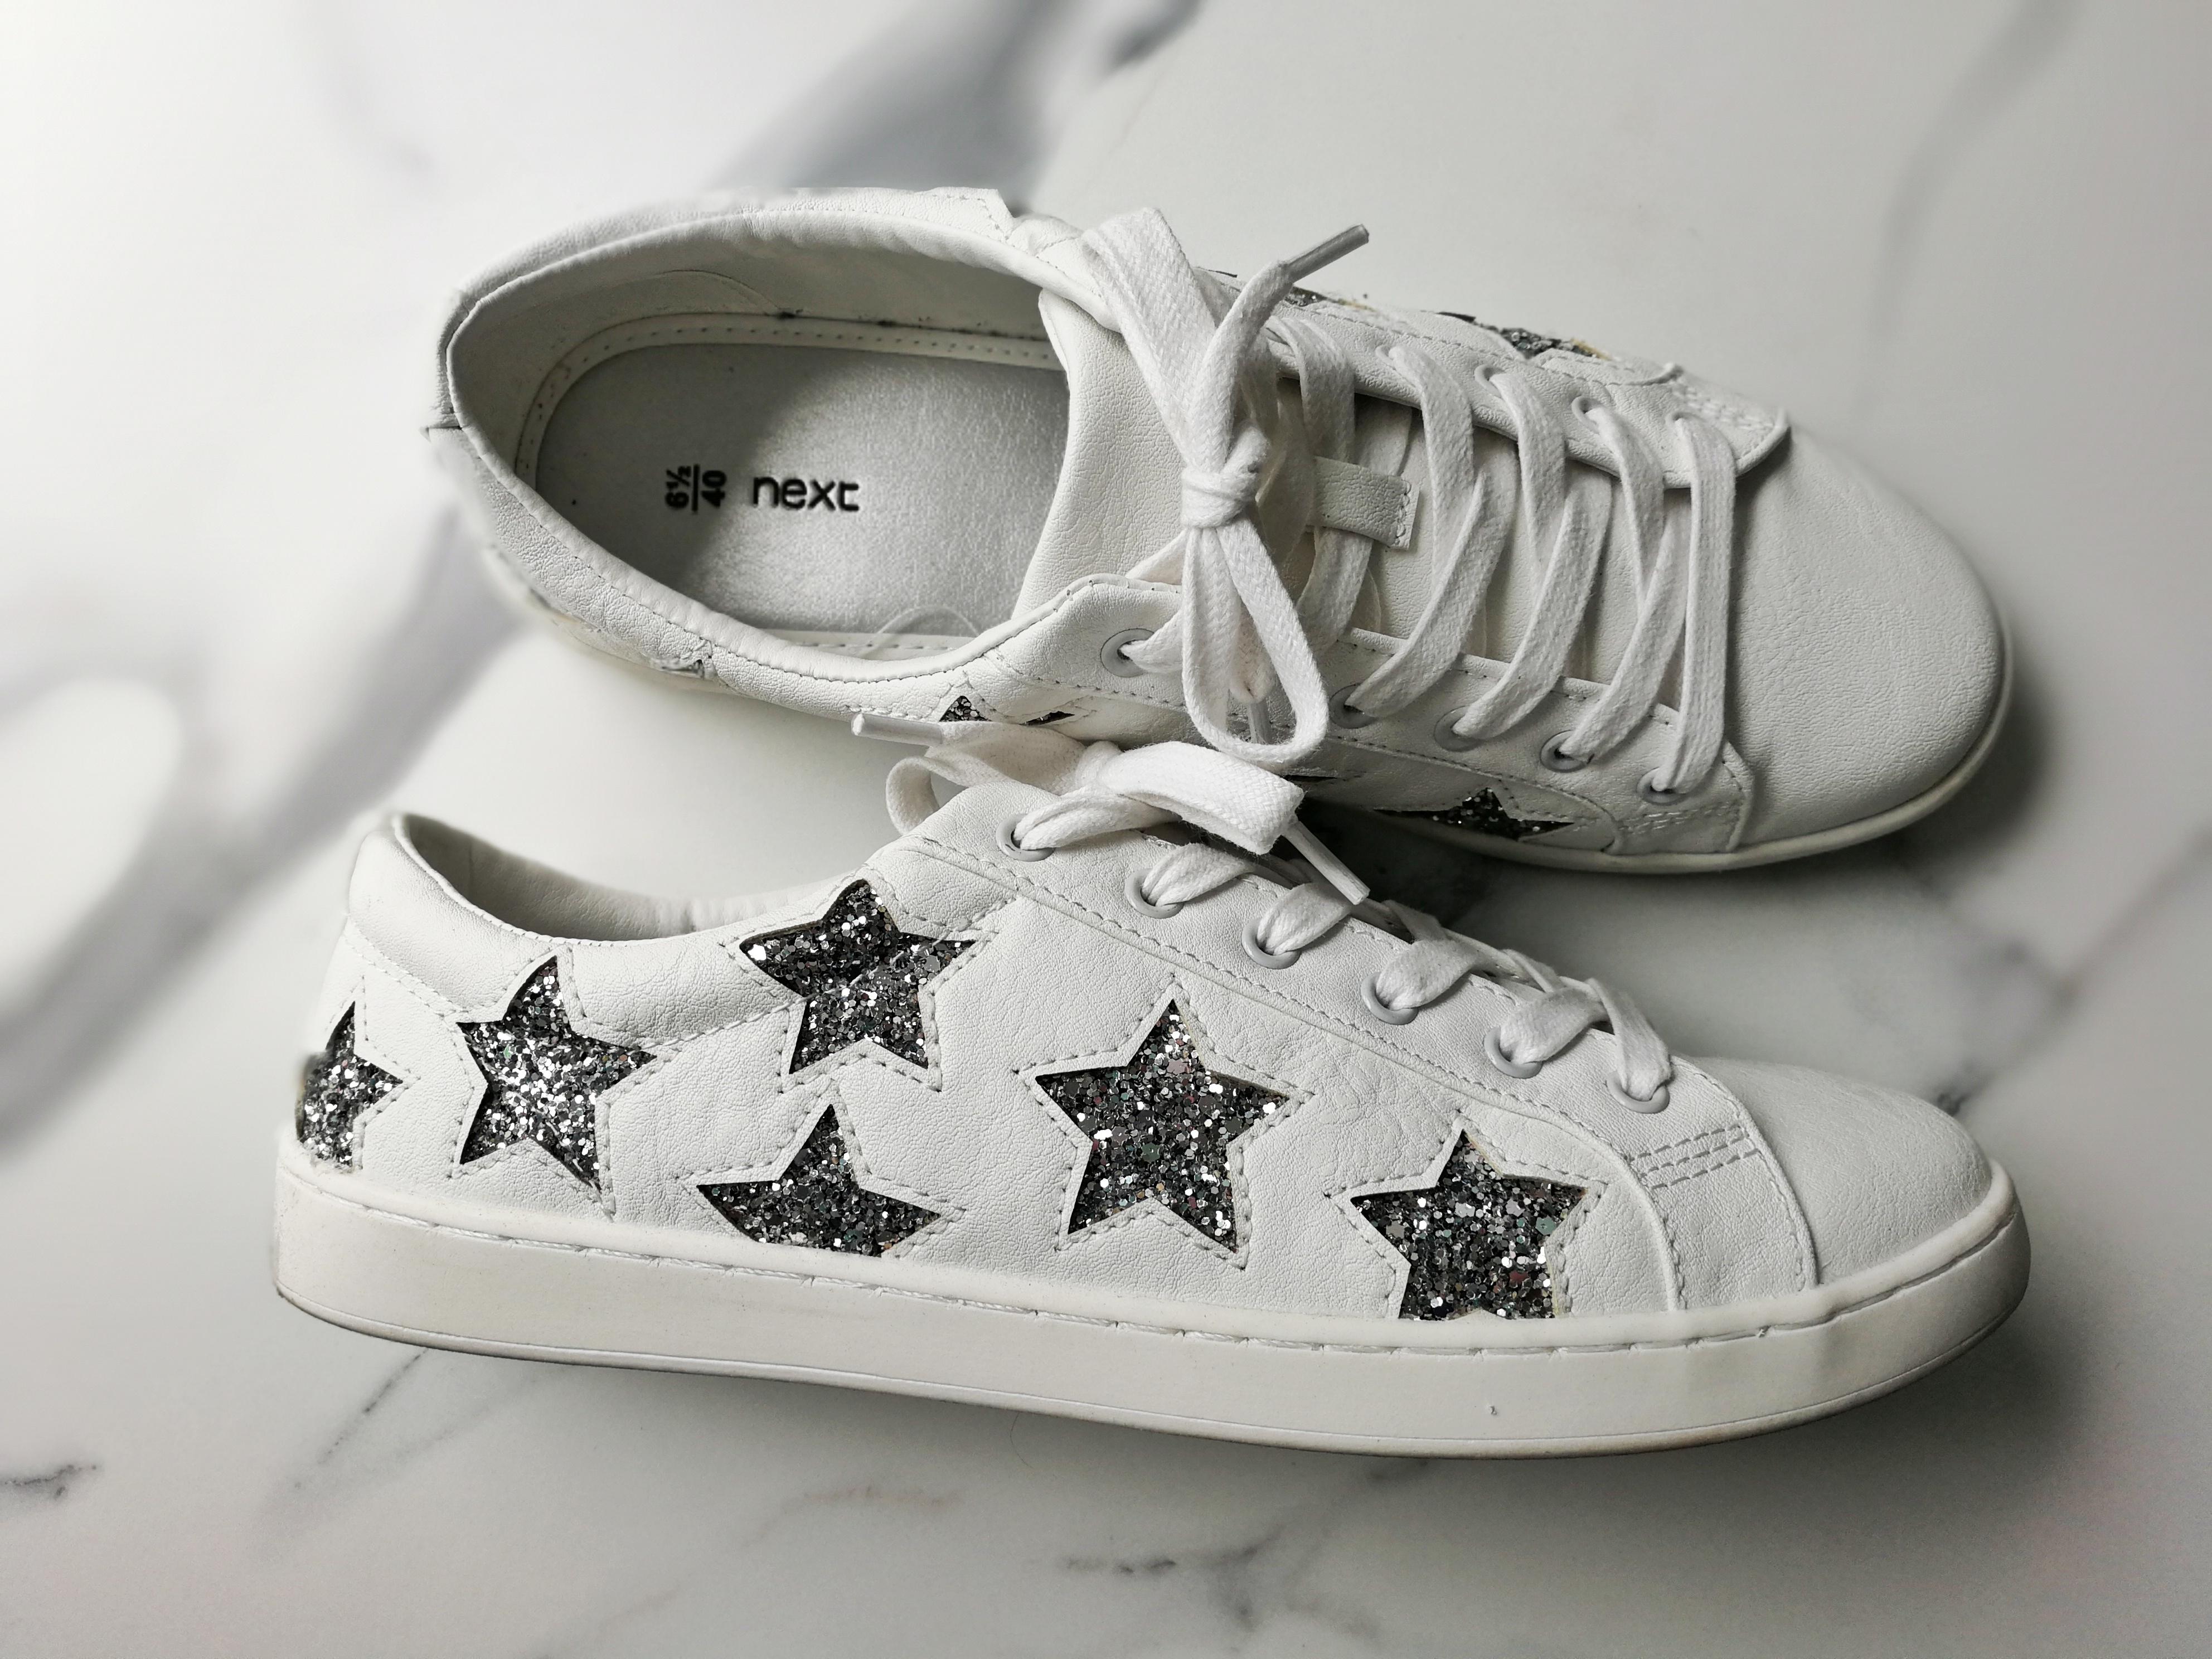 Cómo limpiar las partes de goma de las sneakers blancas y